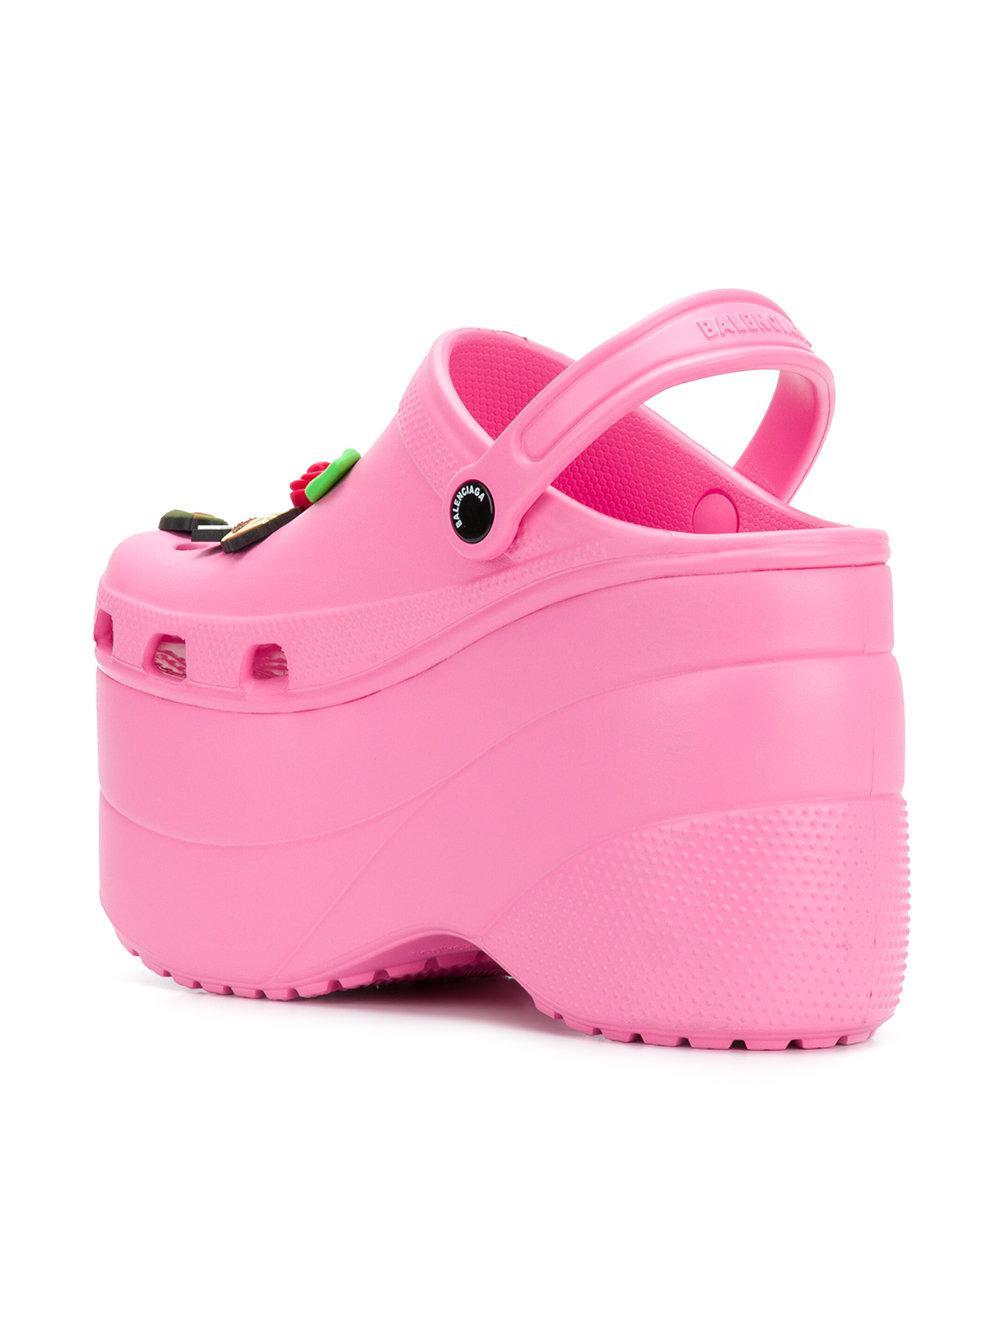 4afb889bd95 Balenciaga Foam Platform Sandals in Pink - Lyst